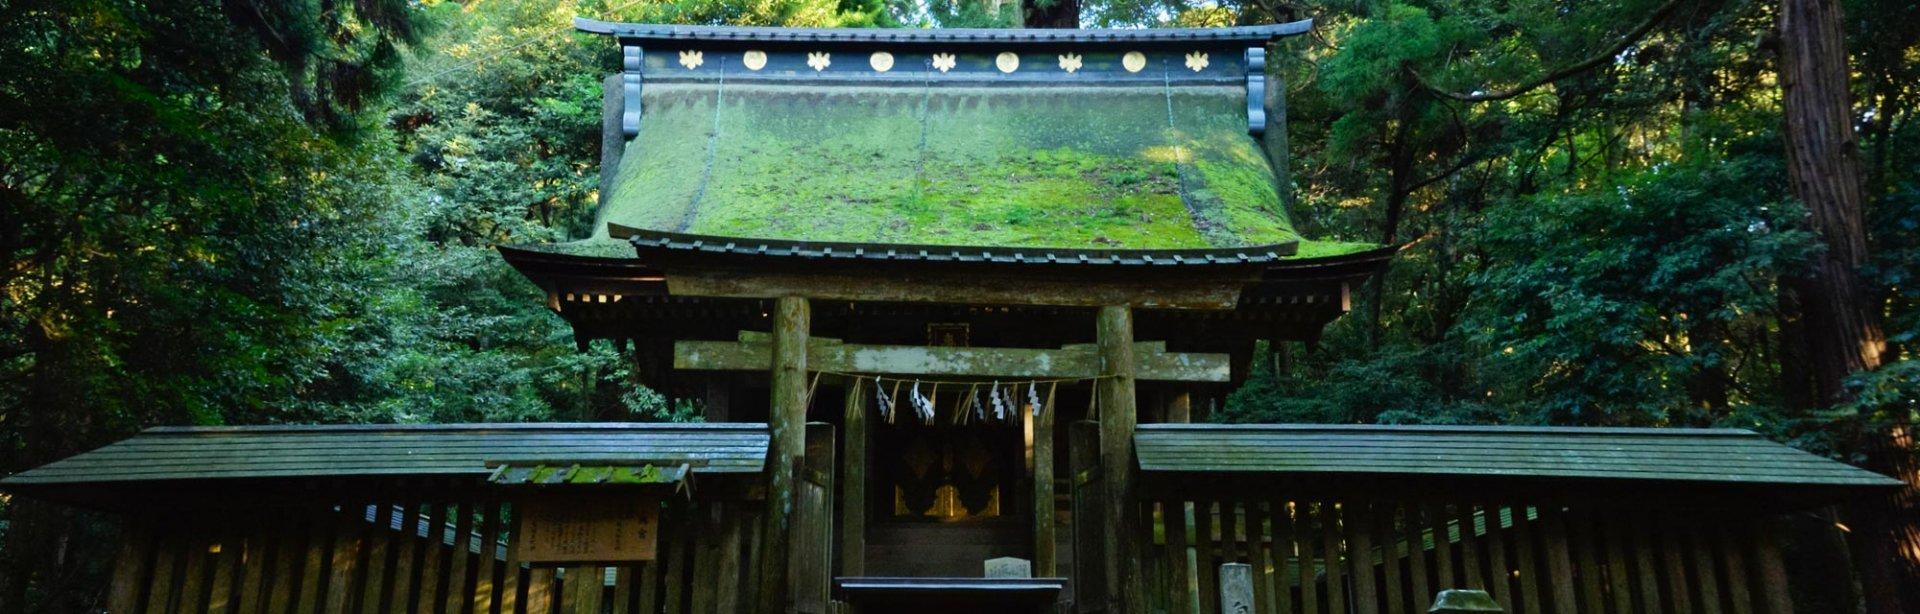 Kashima-jingu-Shrine.jpg